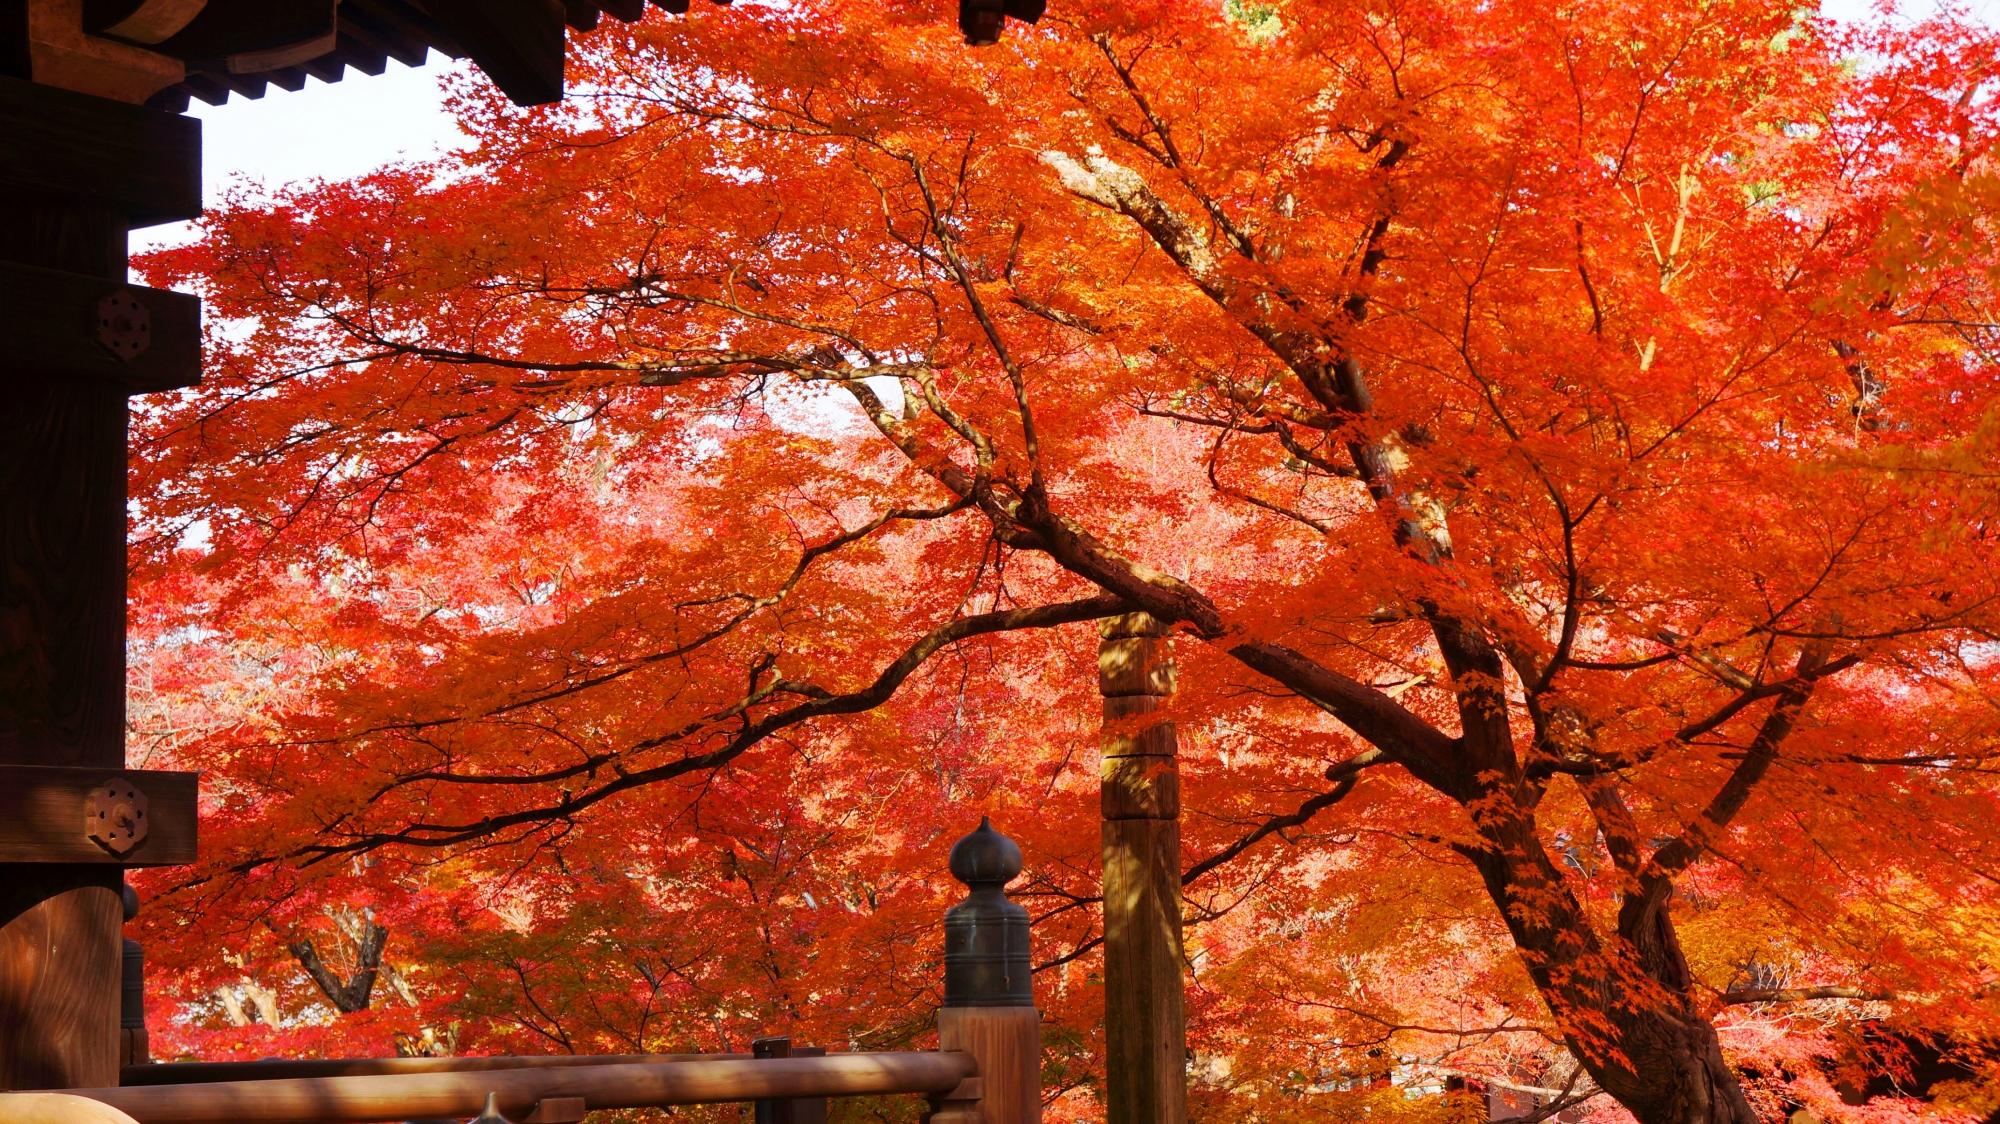 三重塔の下から眺めた圧倒的な紅葉